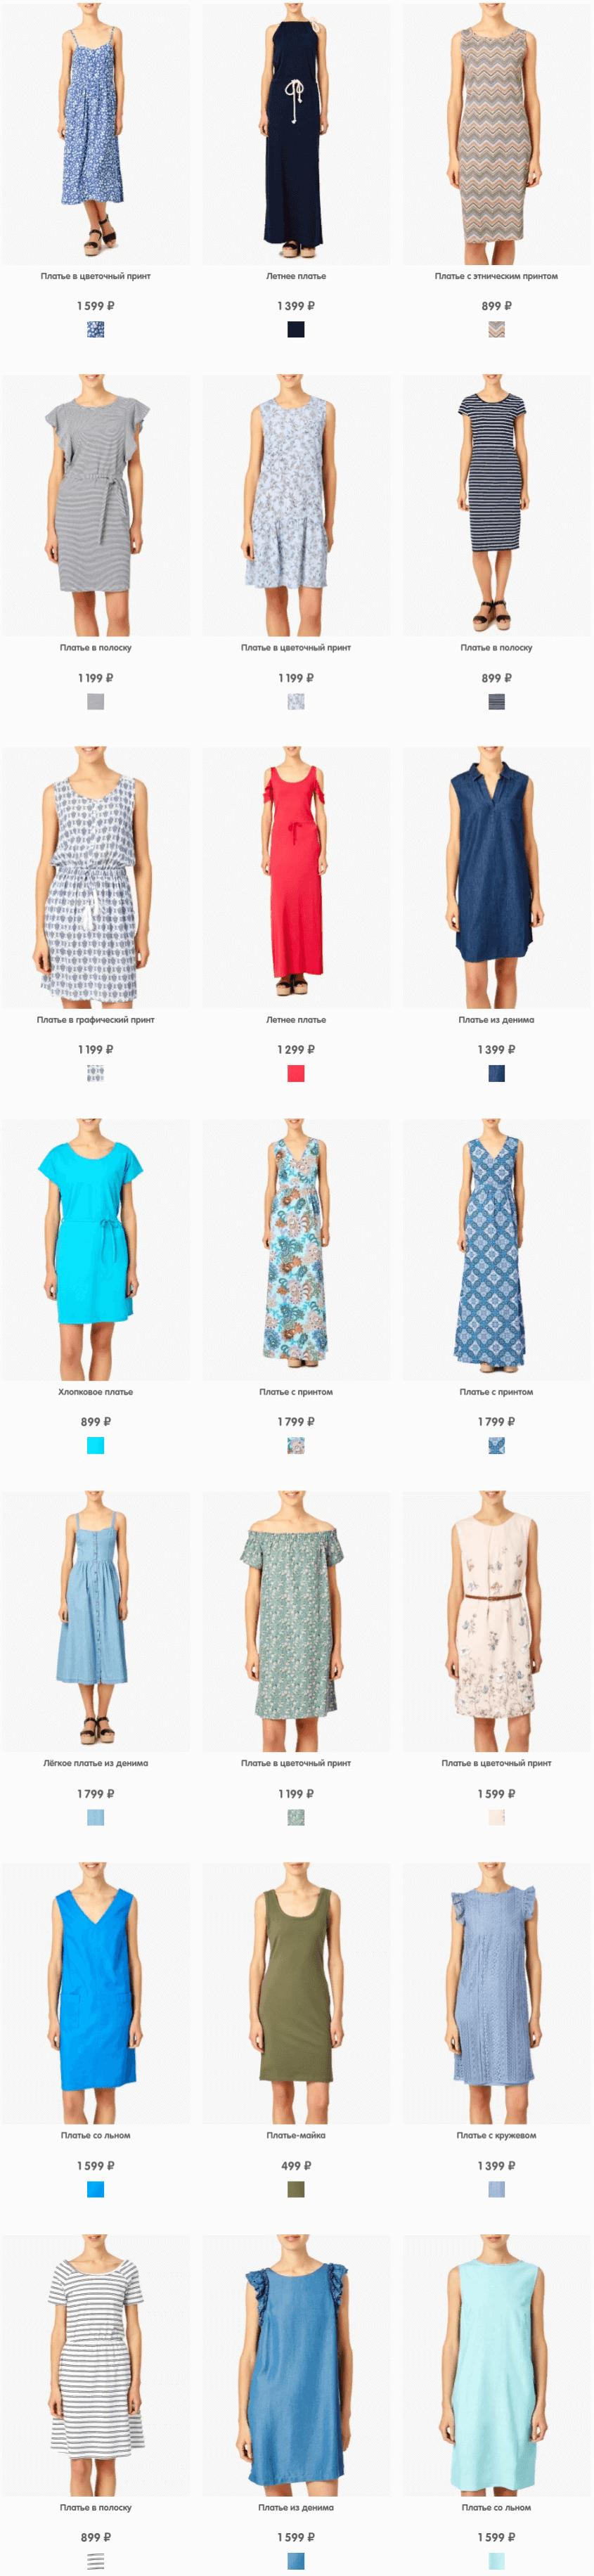 007 - Купить Женские платья в интернет-магазине одежды Funday